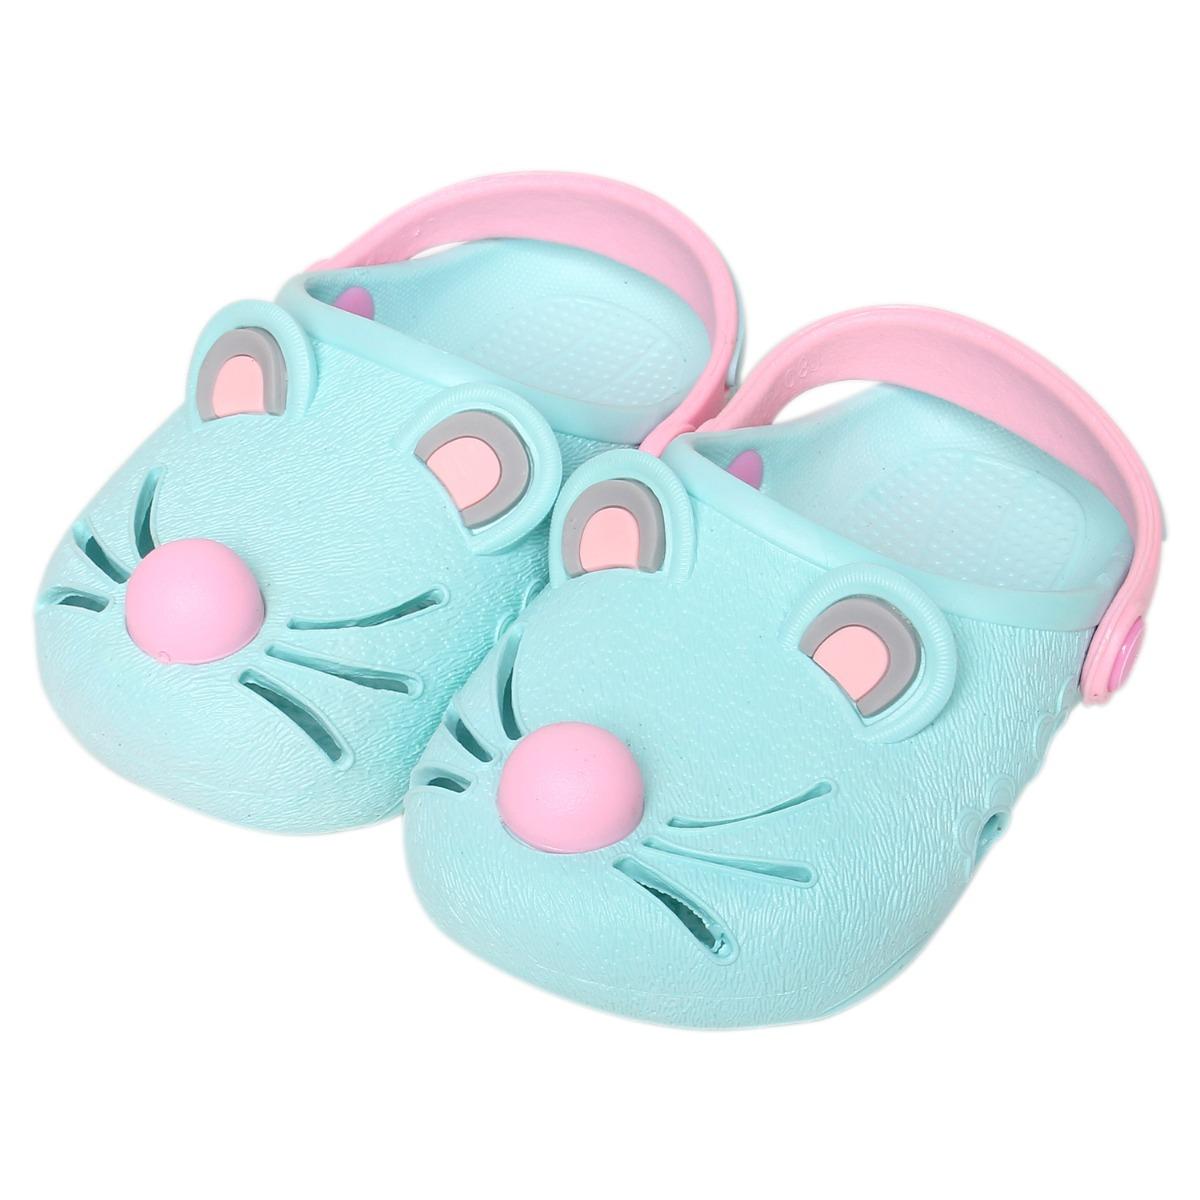 Giày nhựa JiaJiaBear chuột xanh